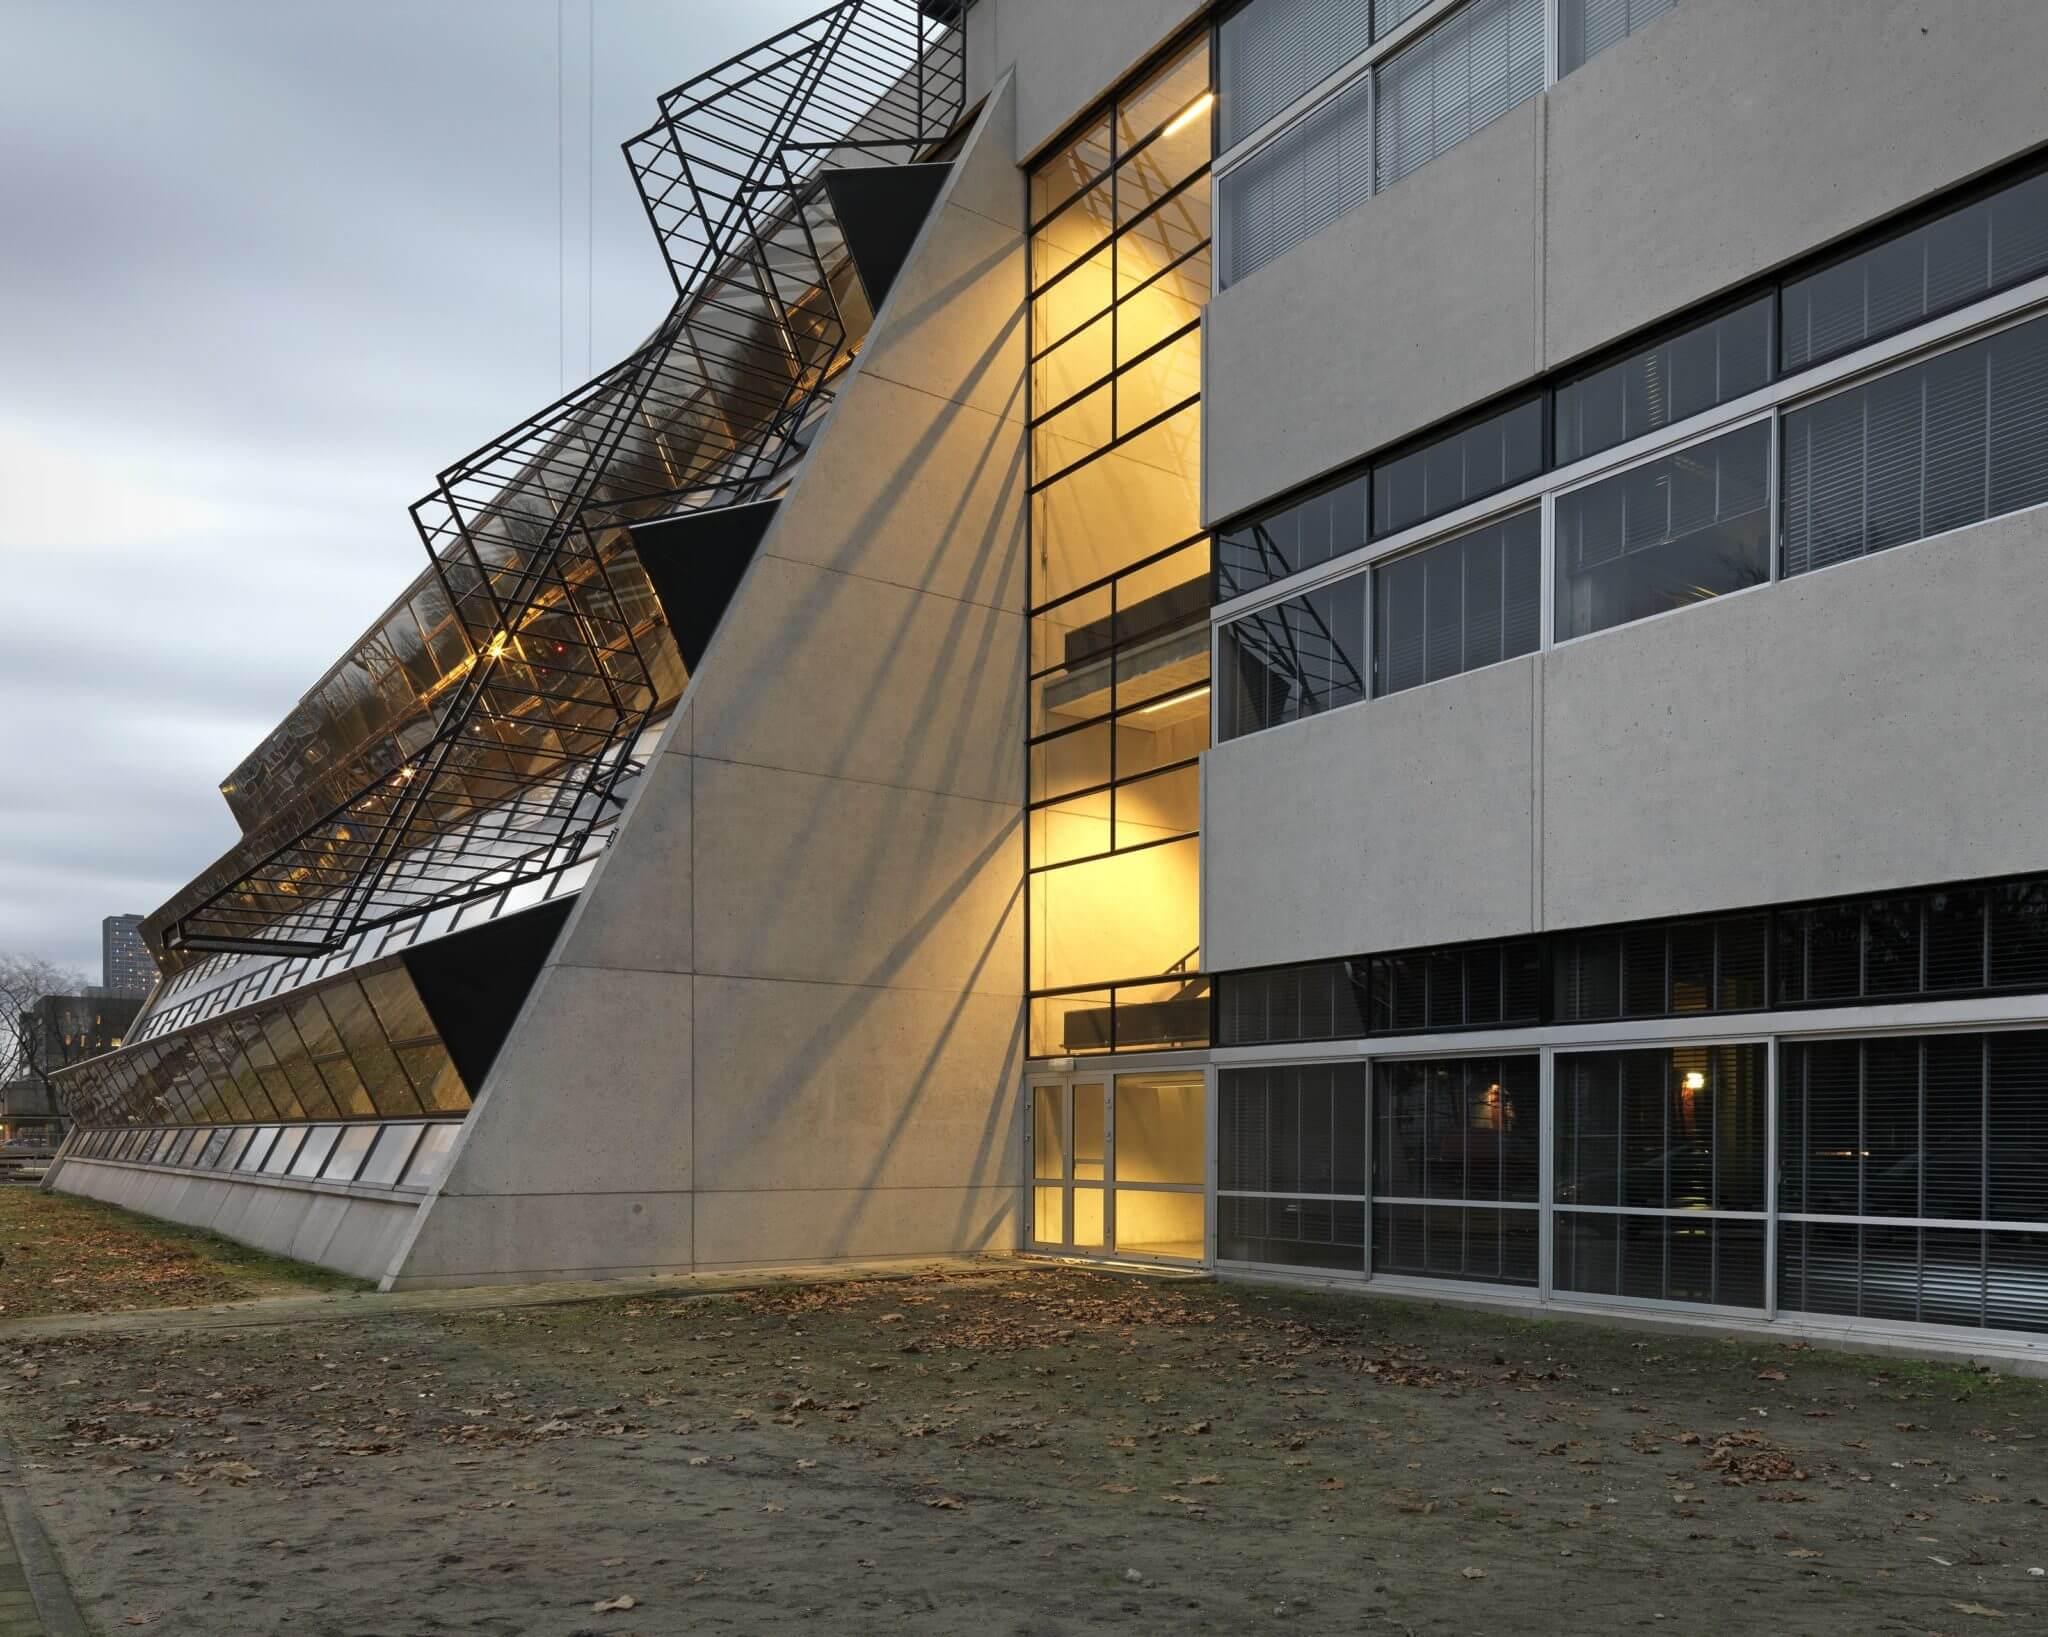 Tilburg Maaskant Euromast Provinciehuis monument beton brut brutalisme Tilburg University schoonwerk beton stalen kozijnen Kunstacademie tekenacademie academie van bouwkunst avb kunstwerk spronken